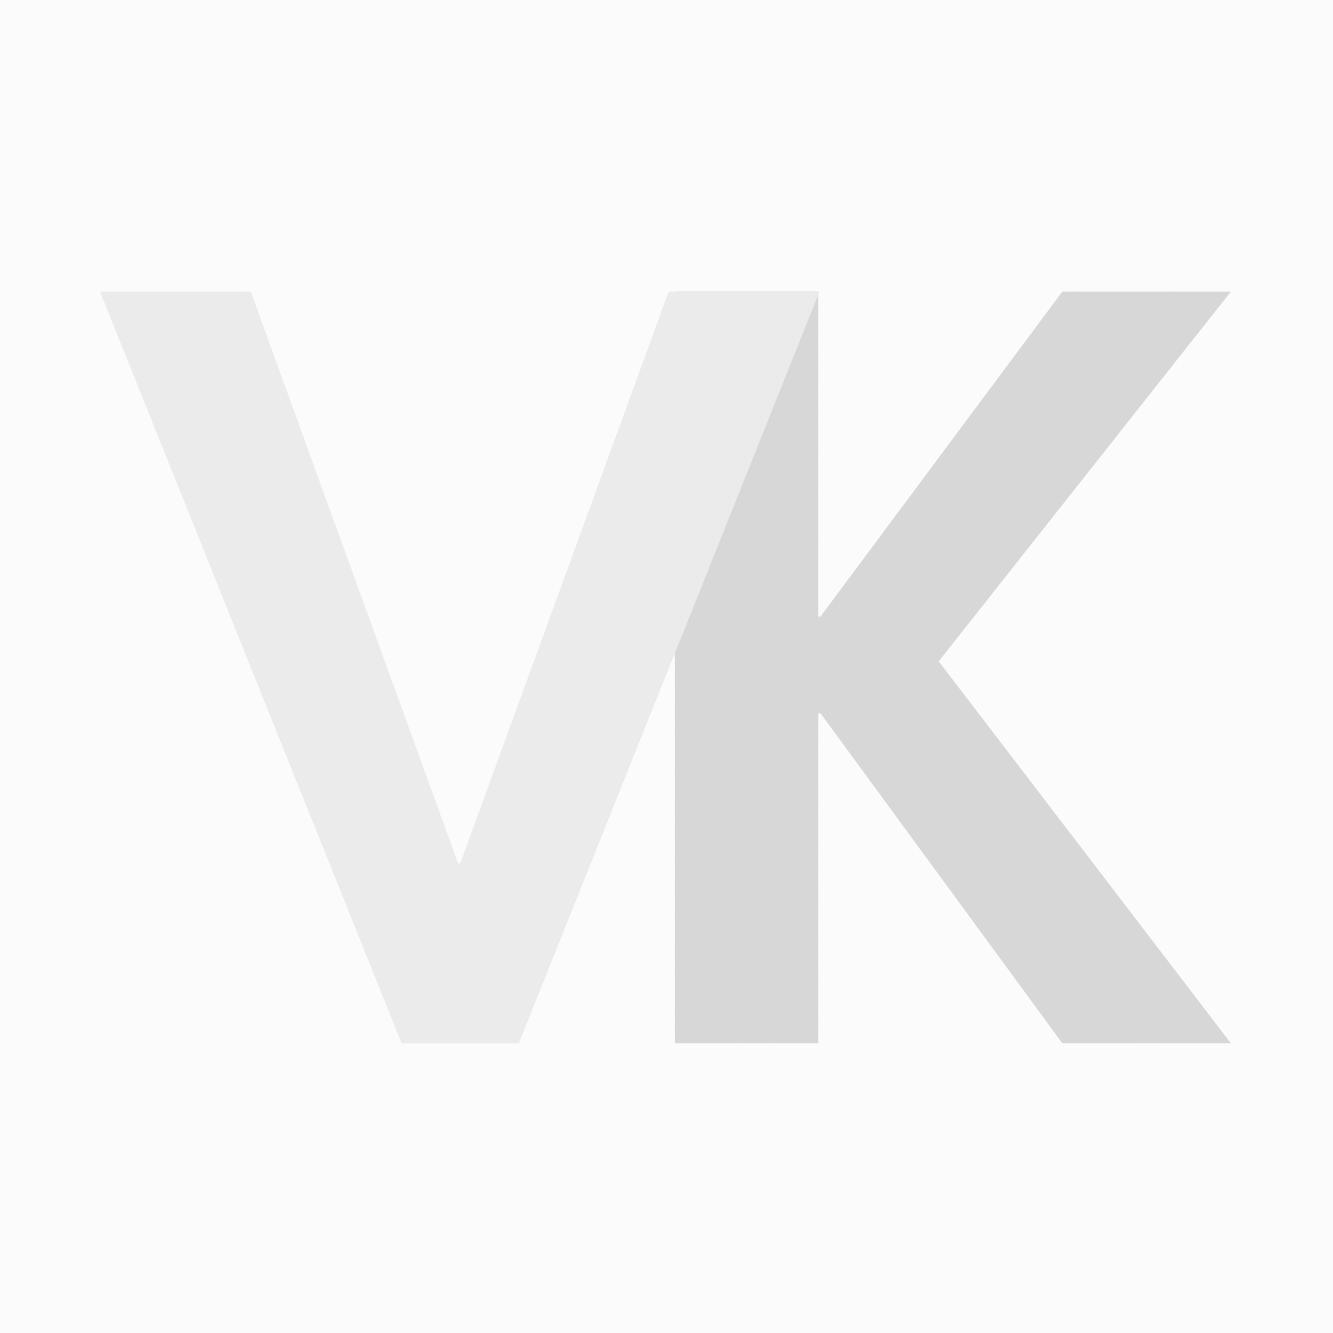 Sibel Verfbakje Anti-Sllip met Handvat Wit